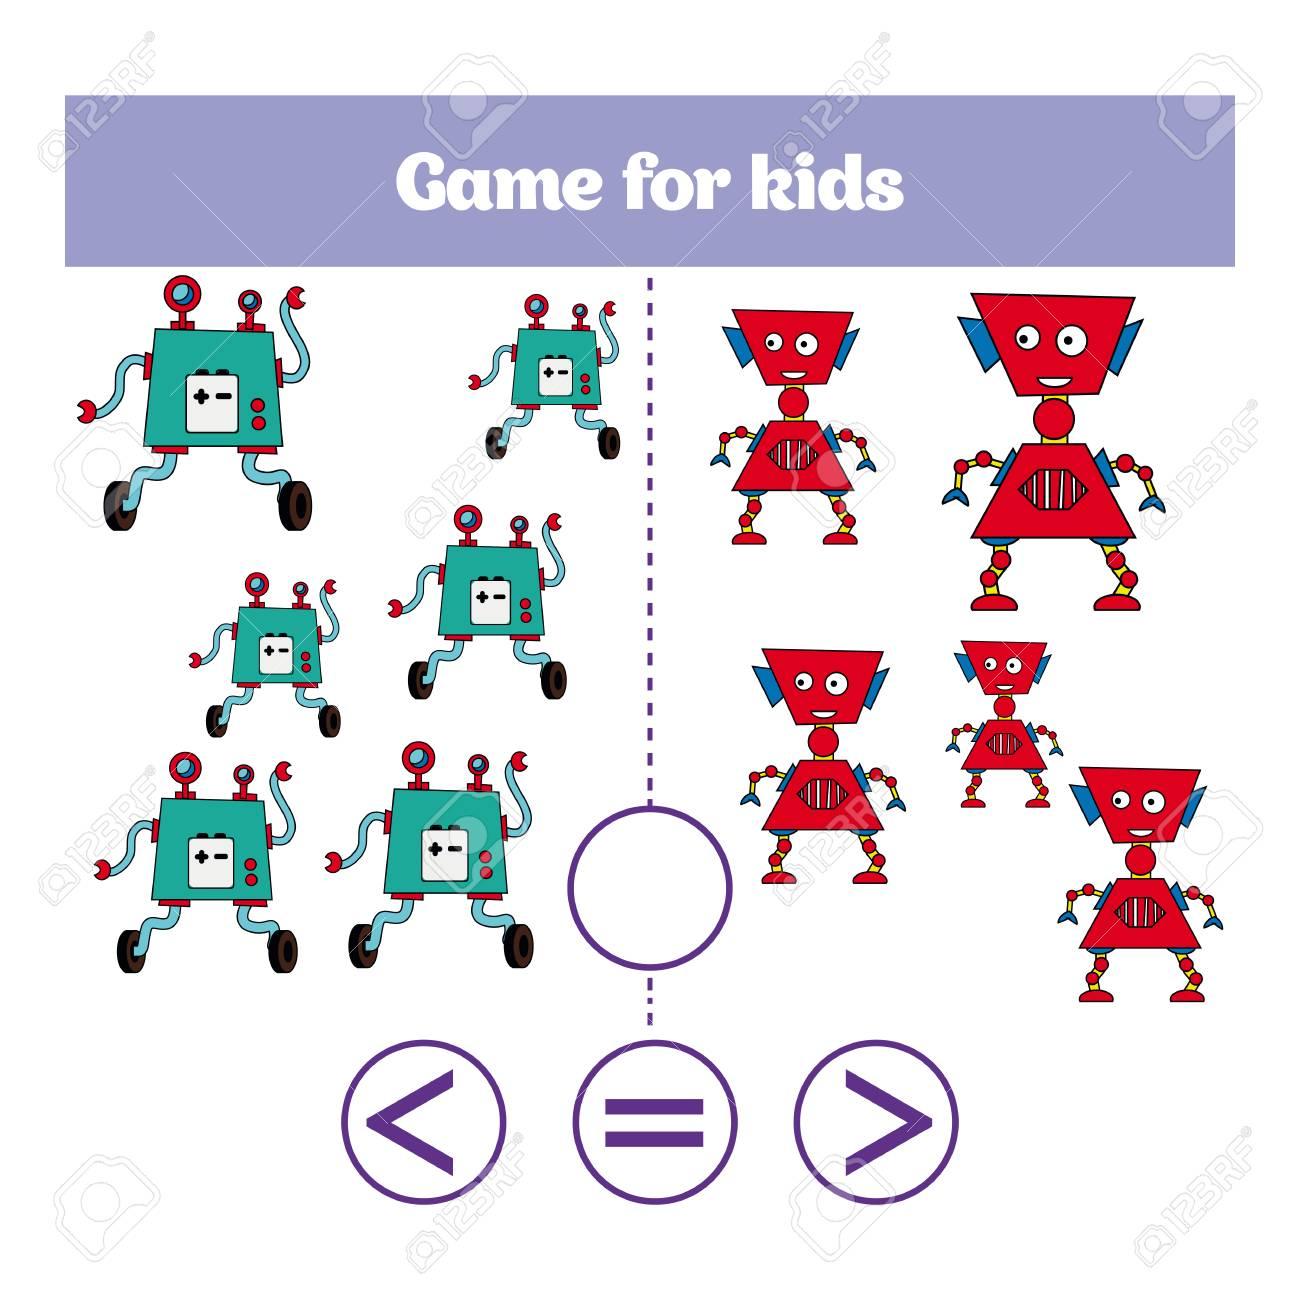 Bildungslogikspiel Für Vorschulkinder. Wähle Die Richtige Antwort ...